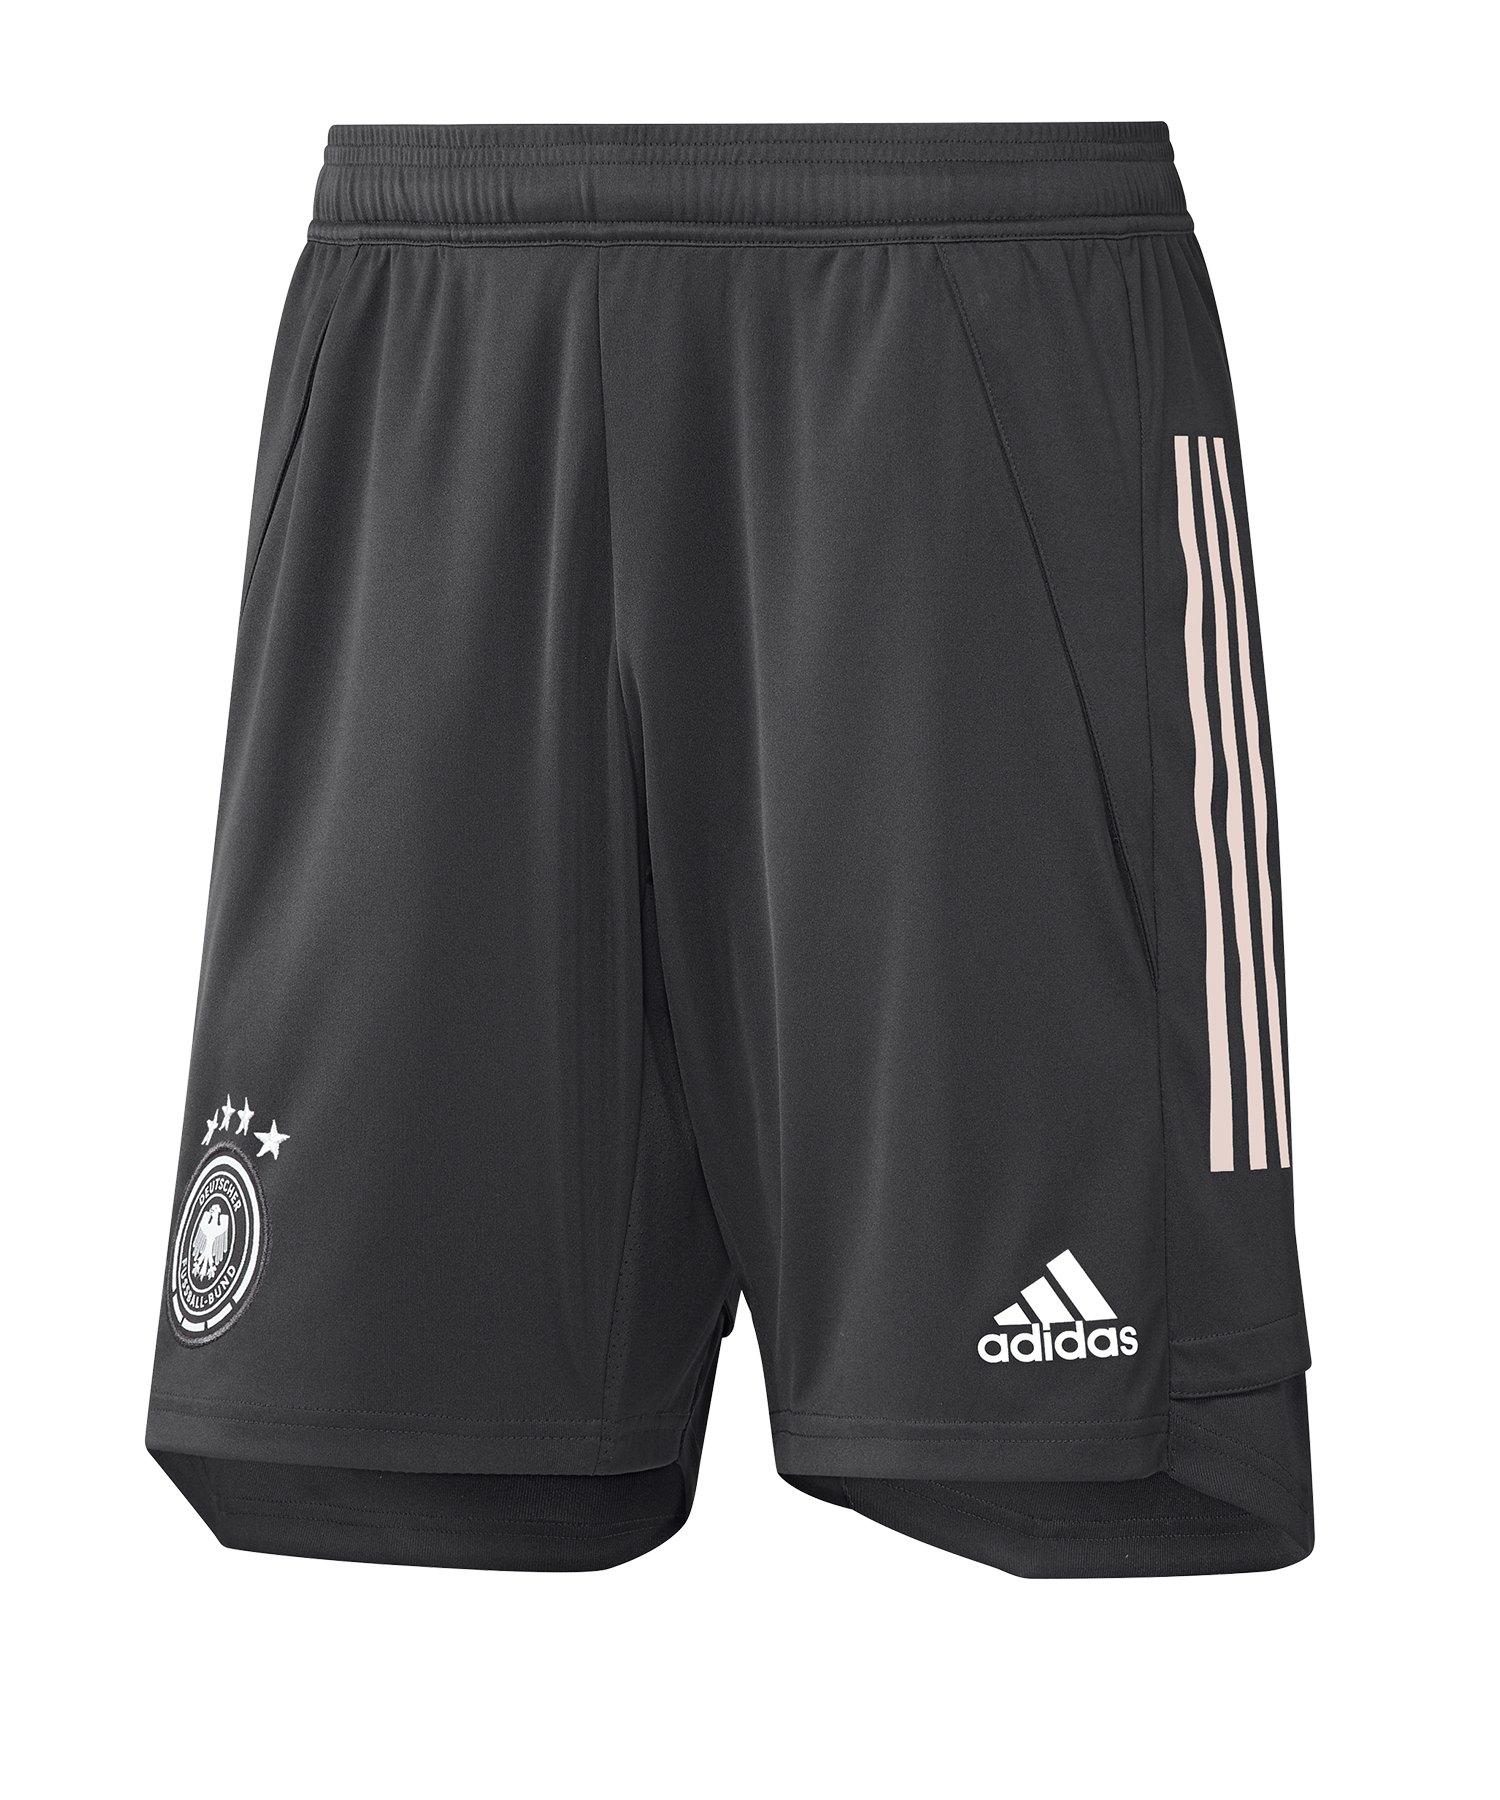 adidas DFB Deutschland Trainingsshort Schwarz - schwarz